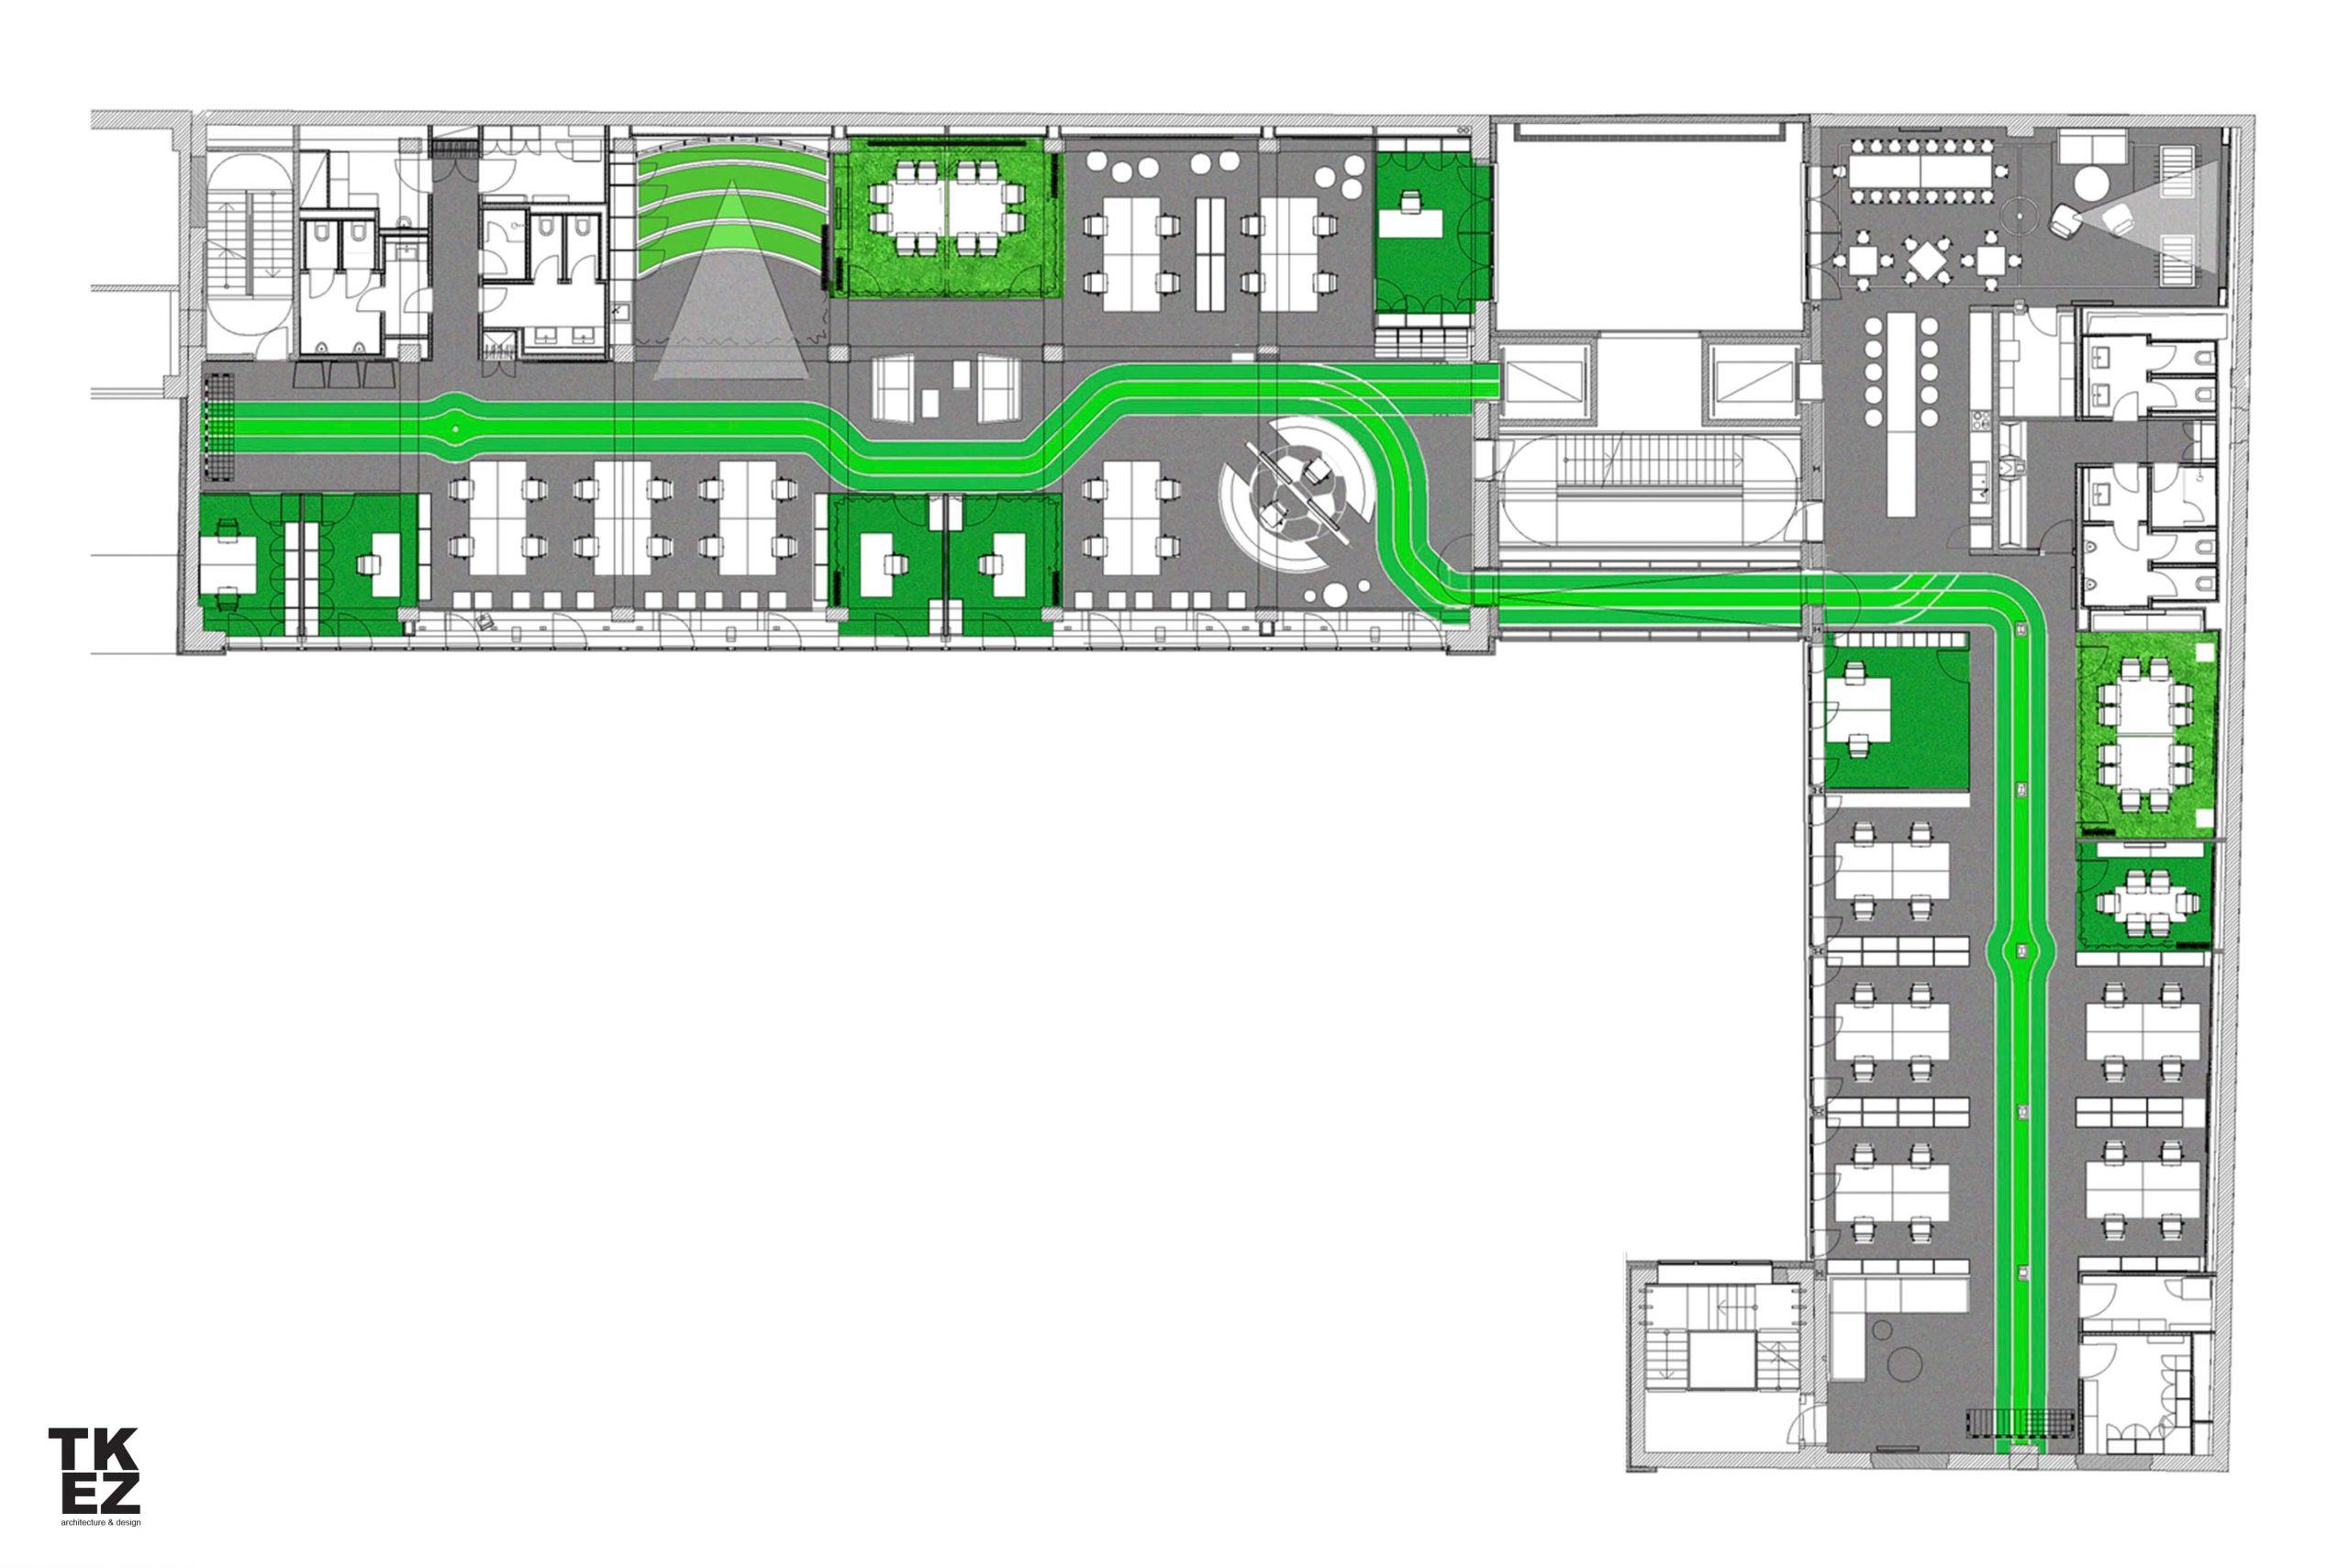 Startup Onefootball Office Design TKEZ Architekten Grundriss